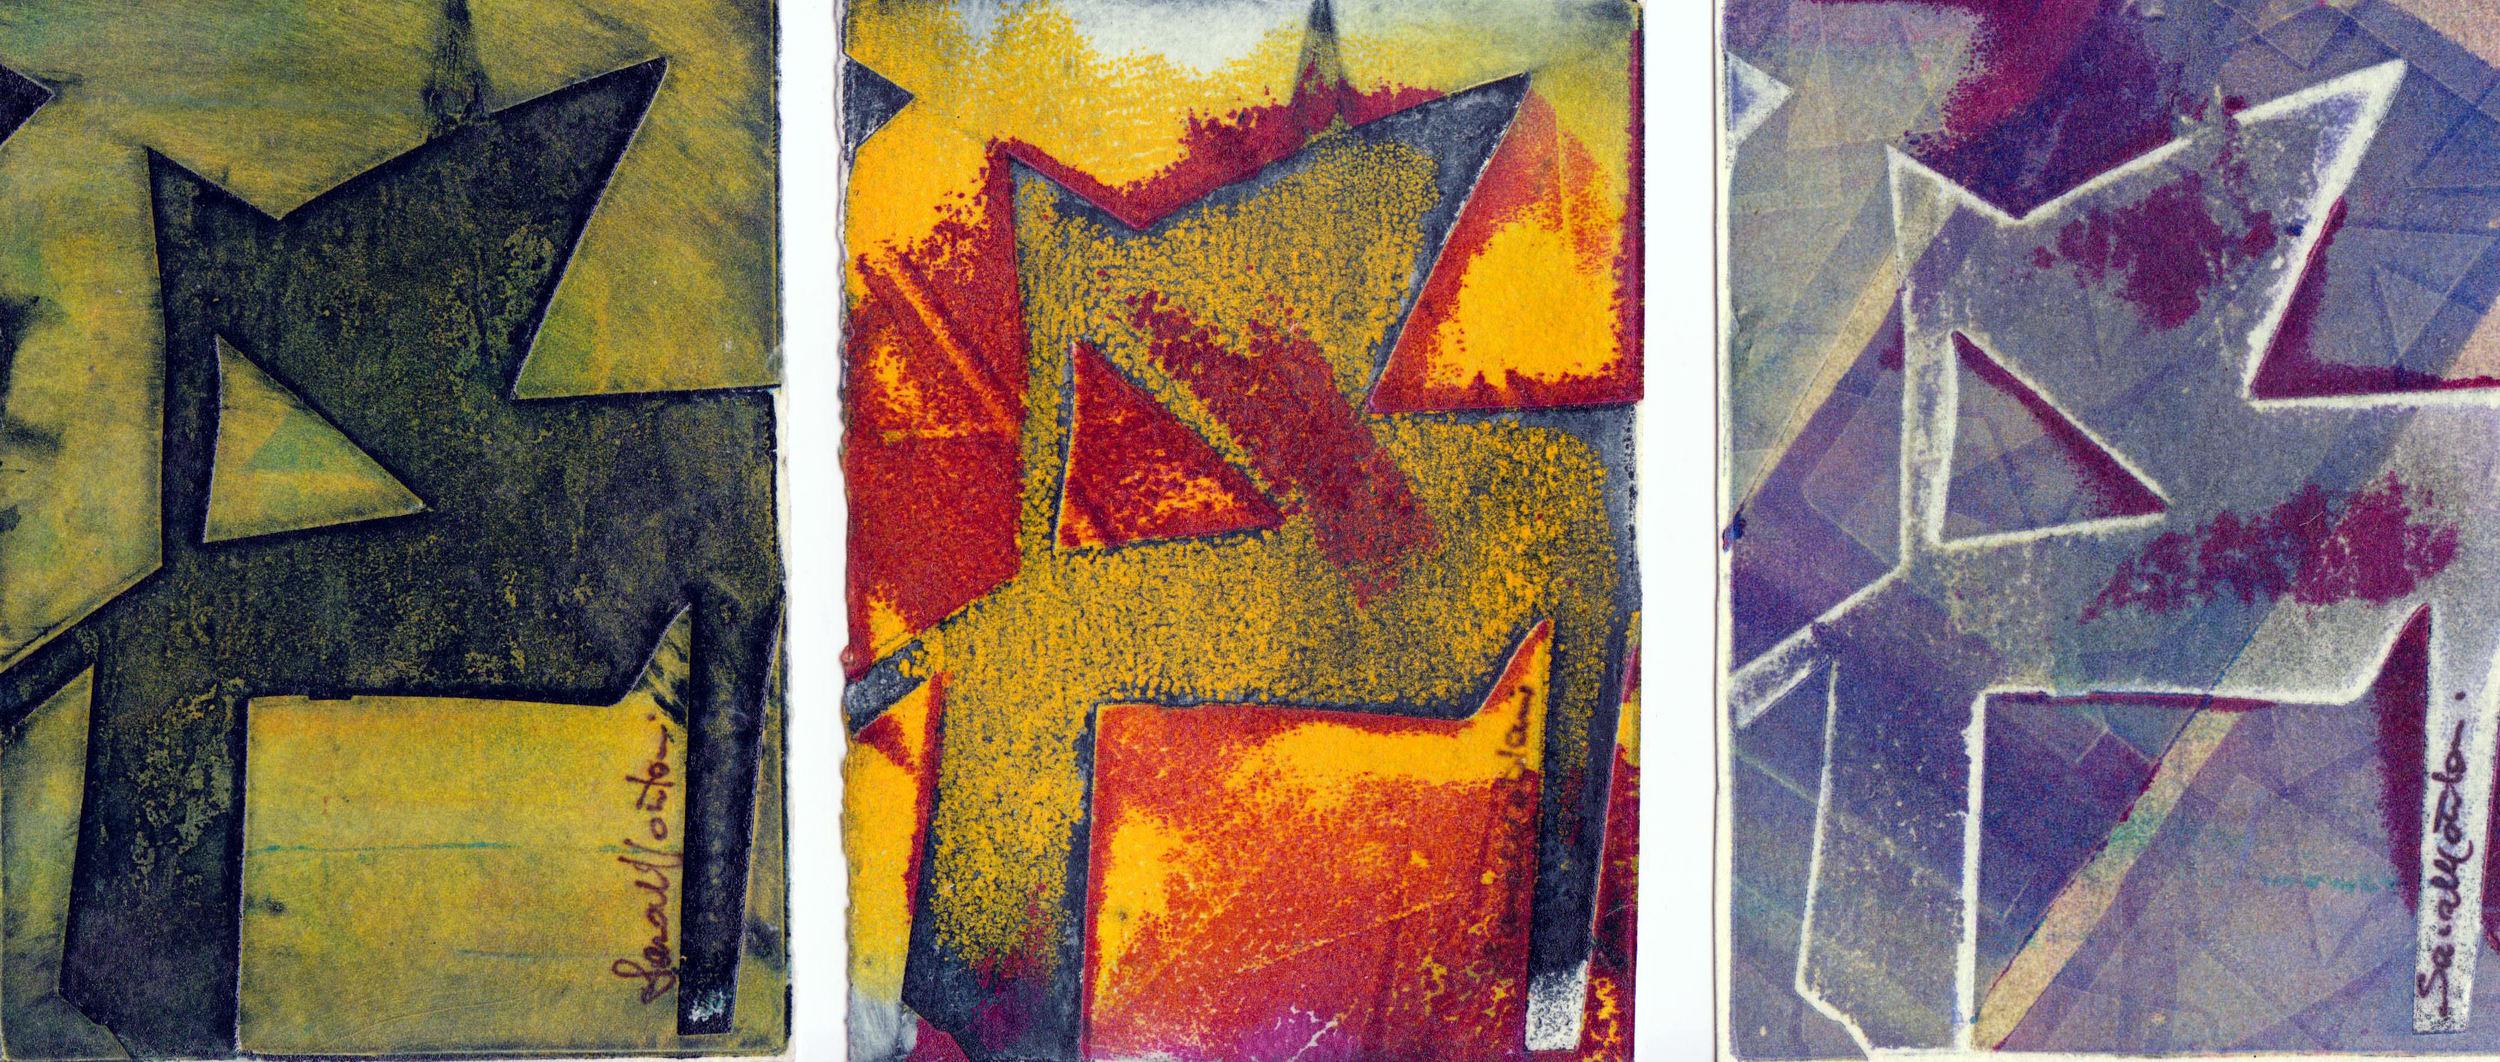 omaggio a Depero, 2005 Acquaforte su ottone Stampa a  monotipo cm 17x9.jpg